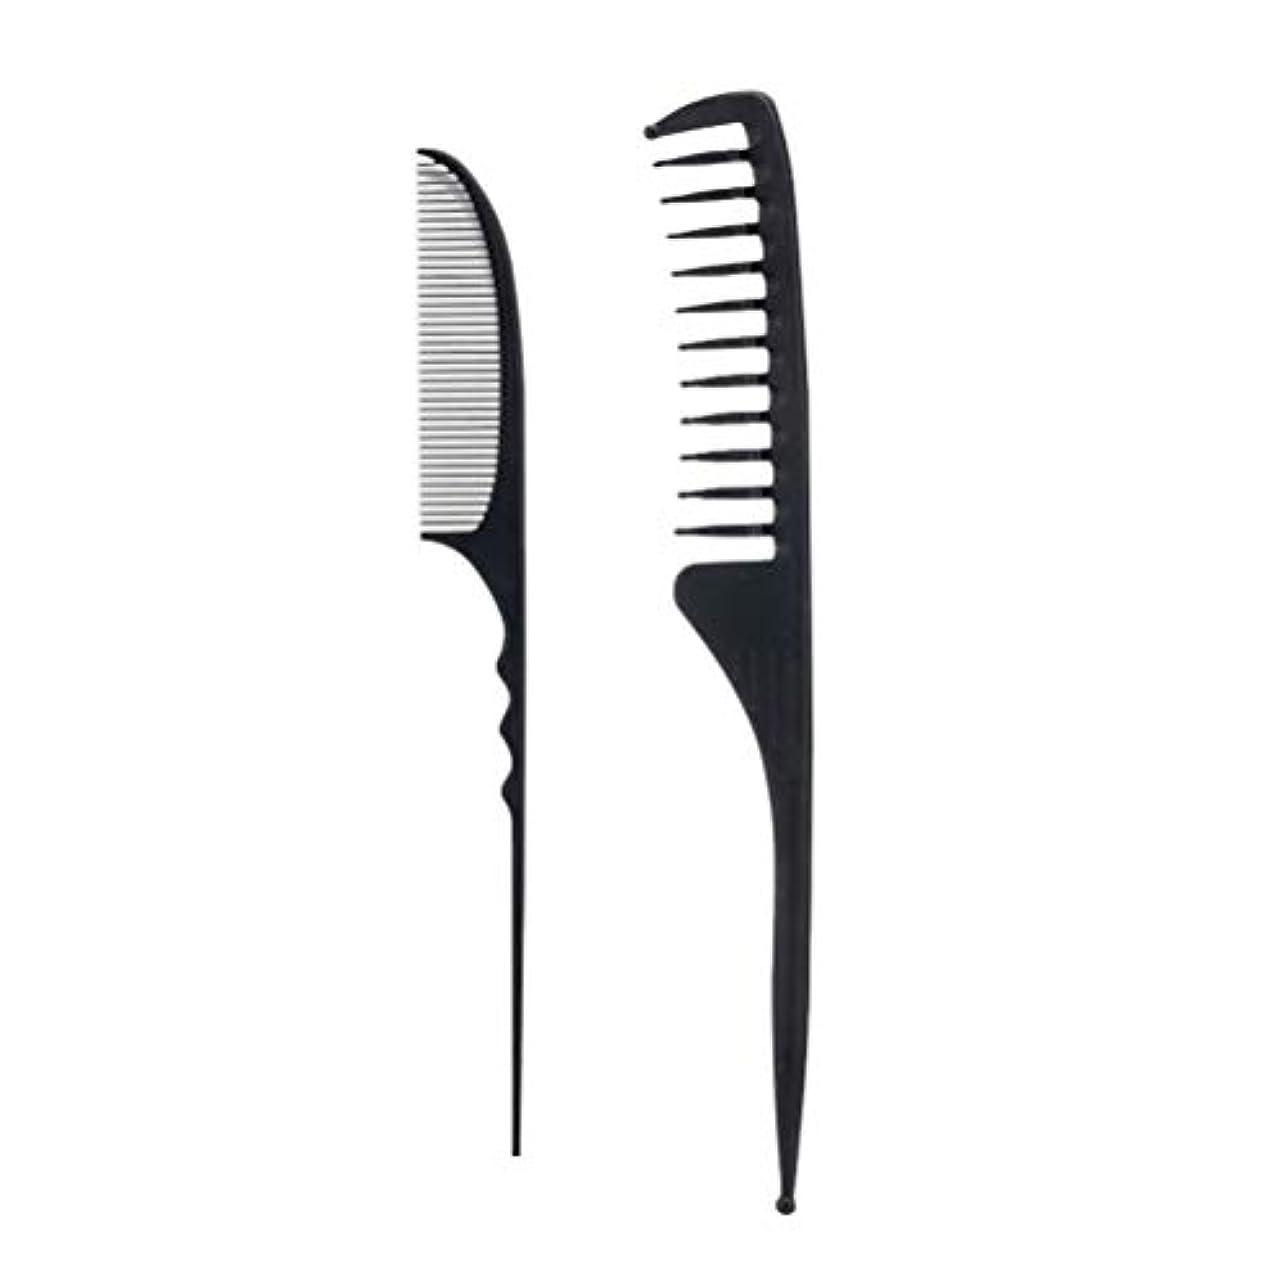 代表して虚弱歯科医Lurrose 2ピースサロンコームヘアー理髪櫛かみそりコーム理髪櫛スタイリングヘアコーム付きファインテールラフィングテール